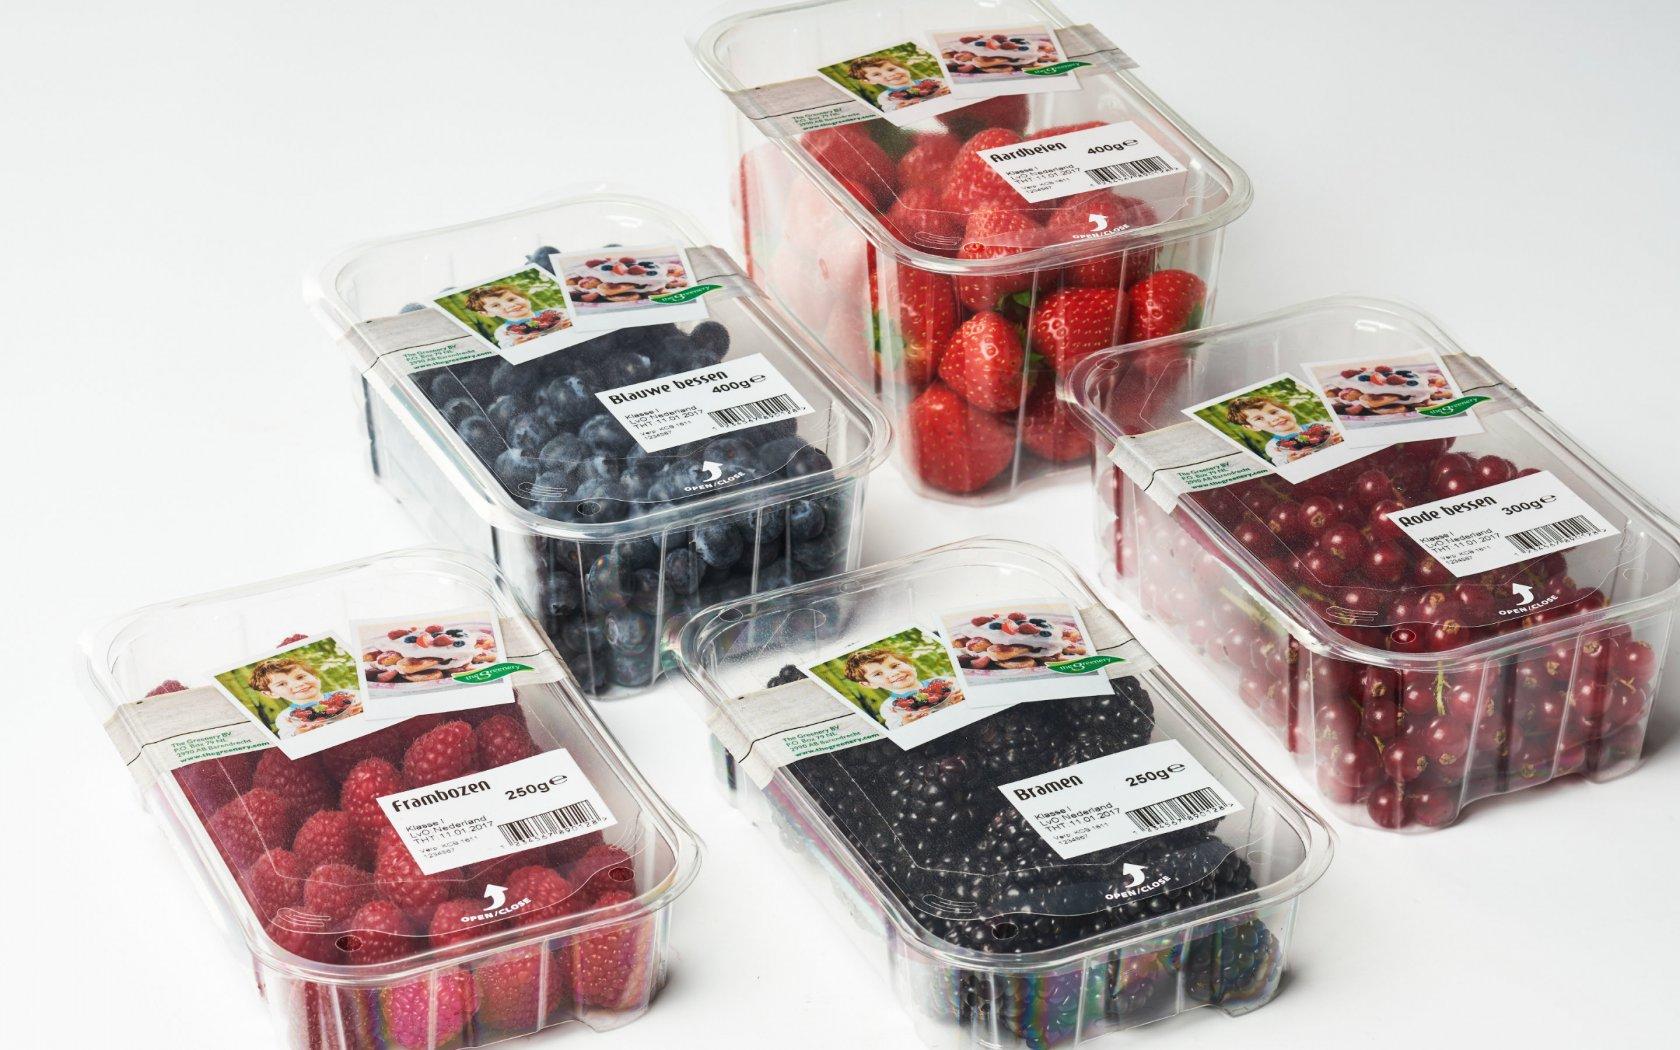 Nouveau : emballage topseal refermable pour les fruits rouges